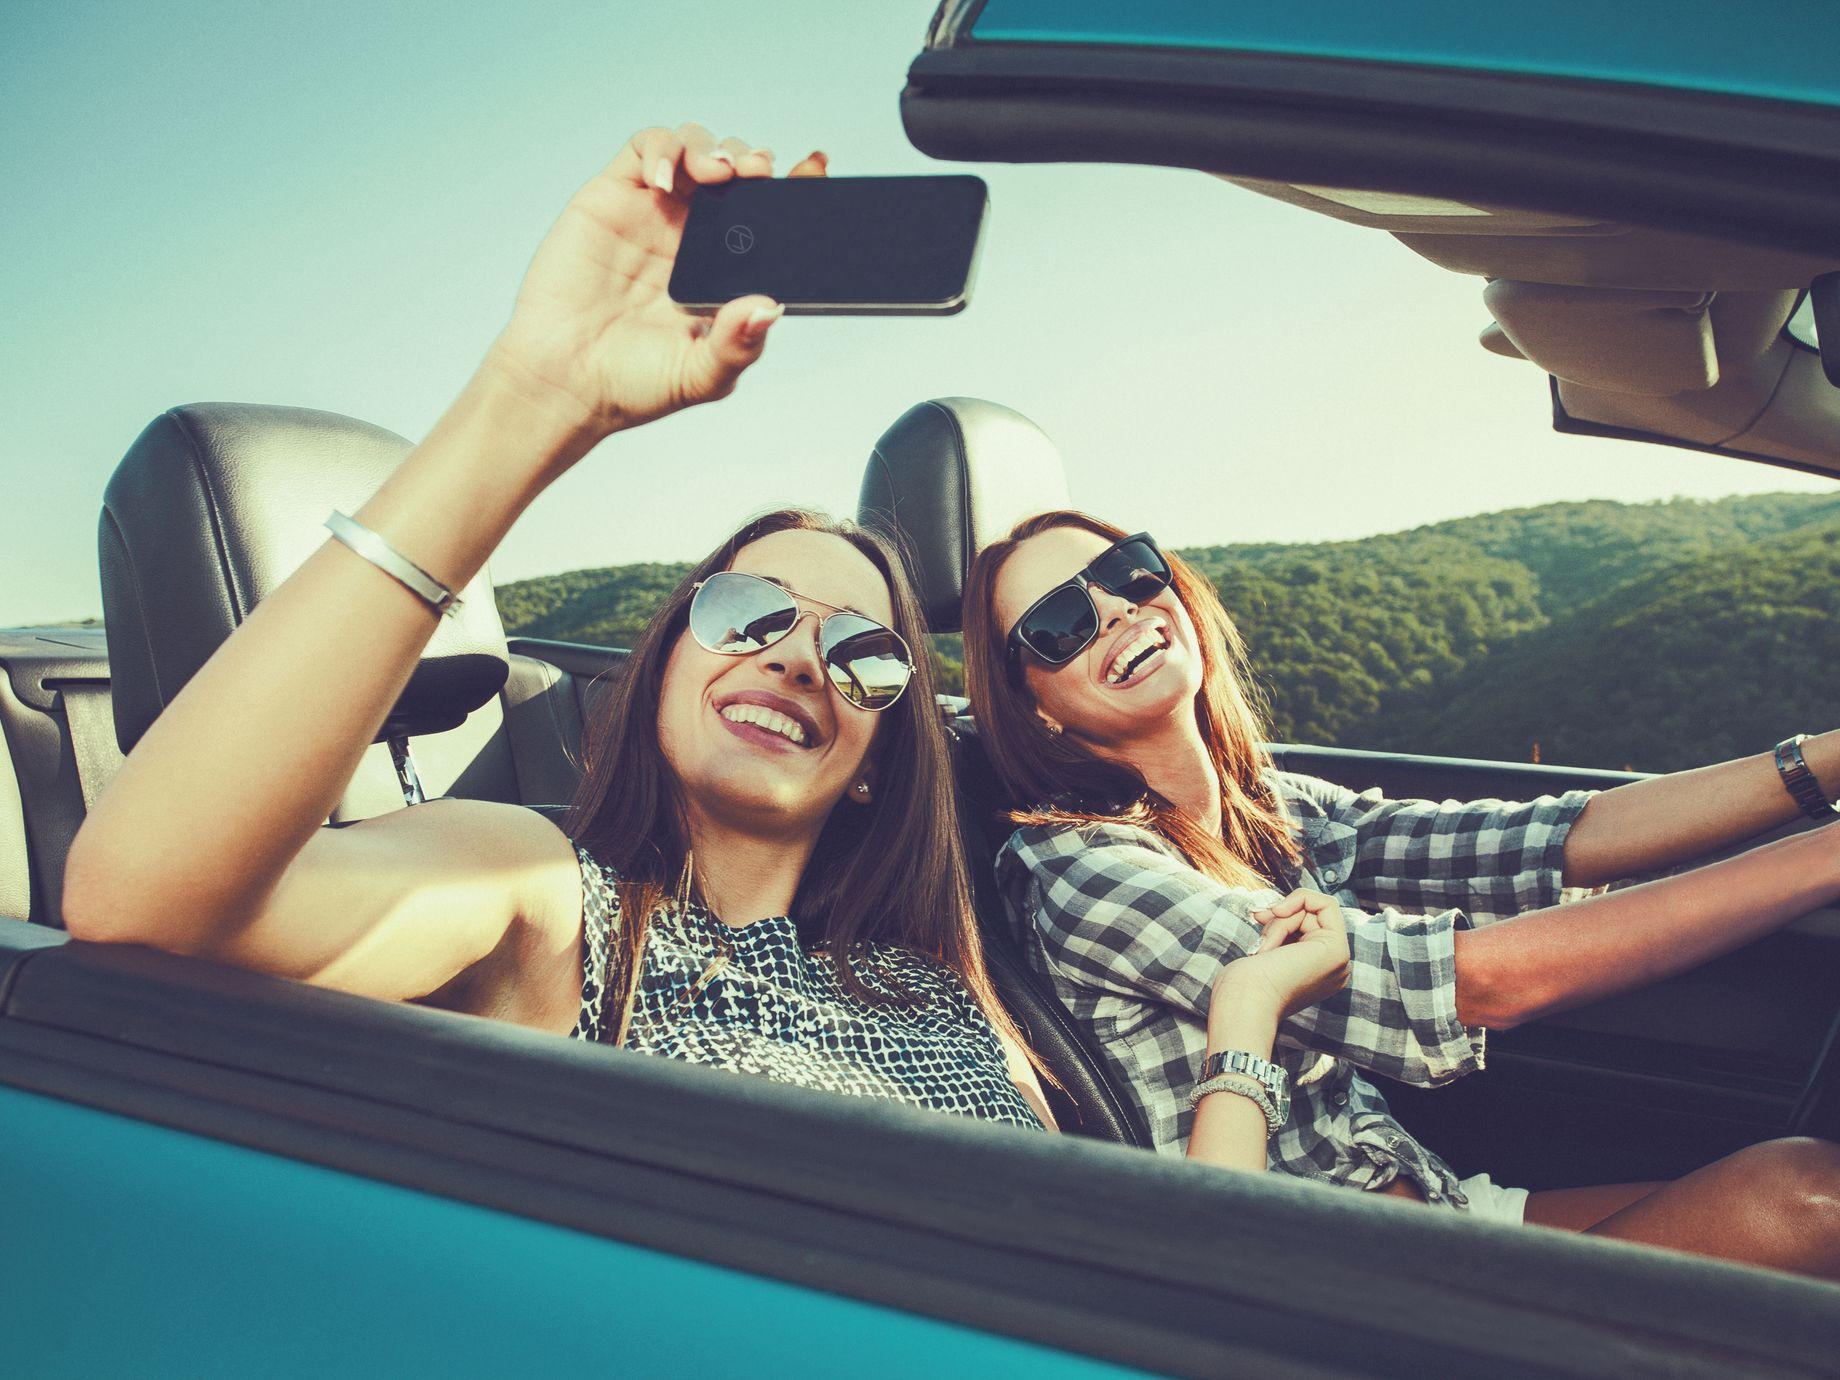 Mädels im Cabrio | shutterstock.com